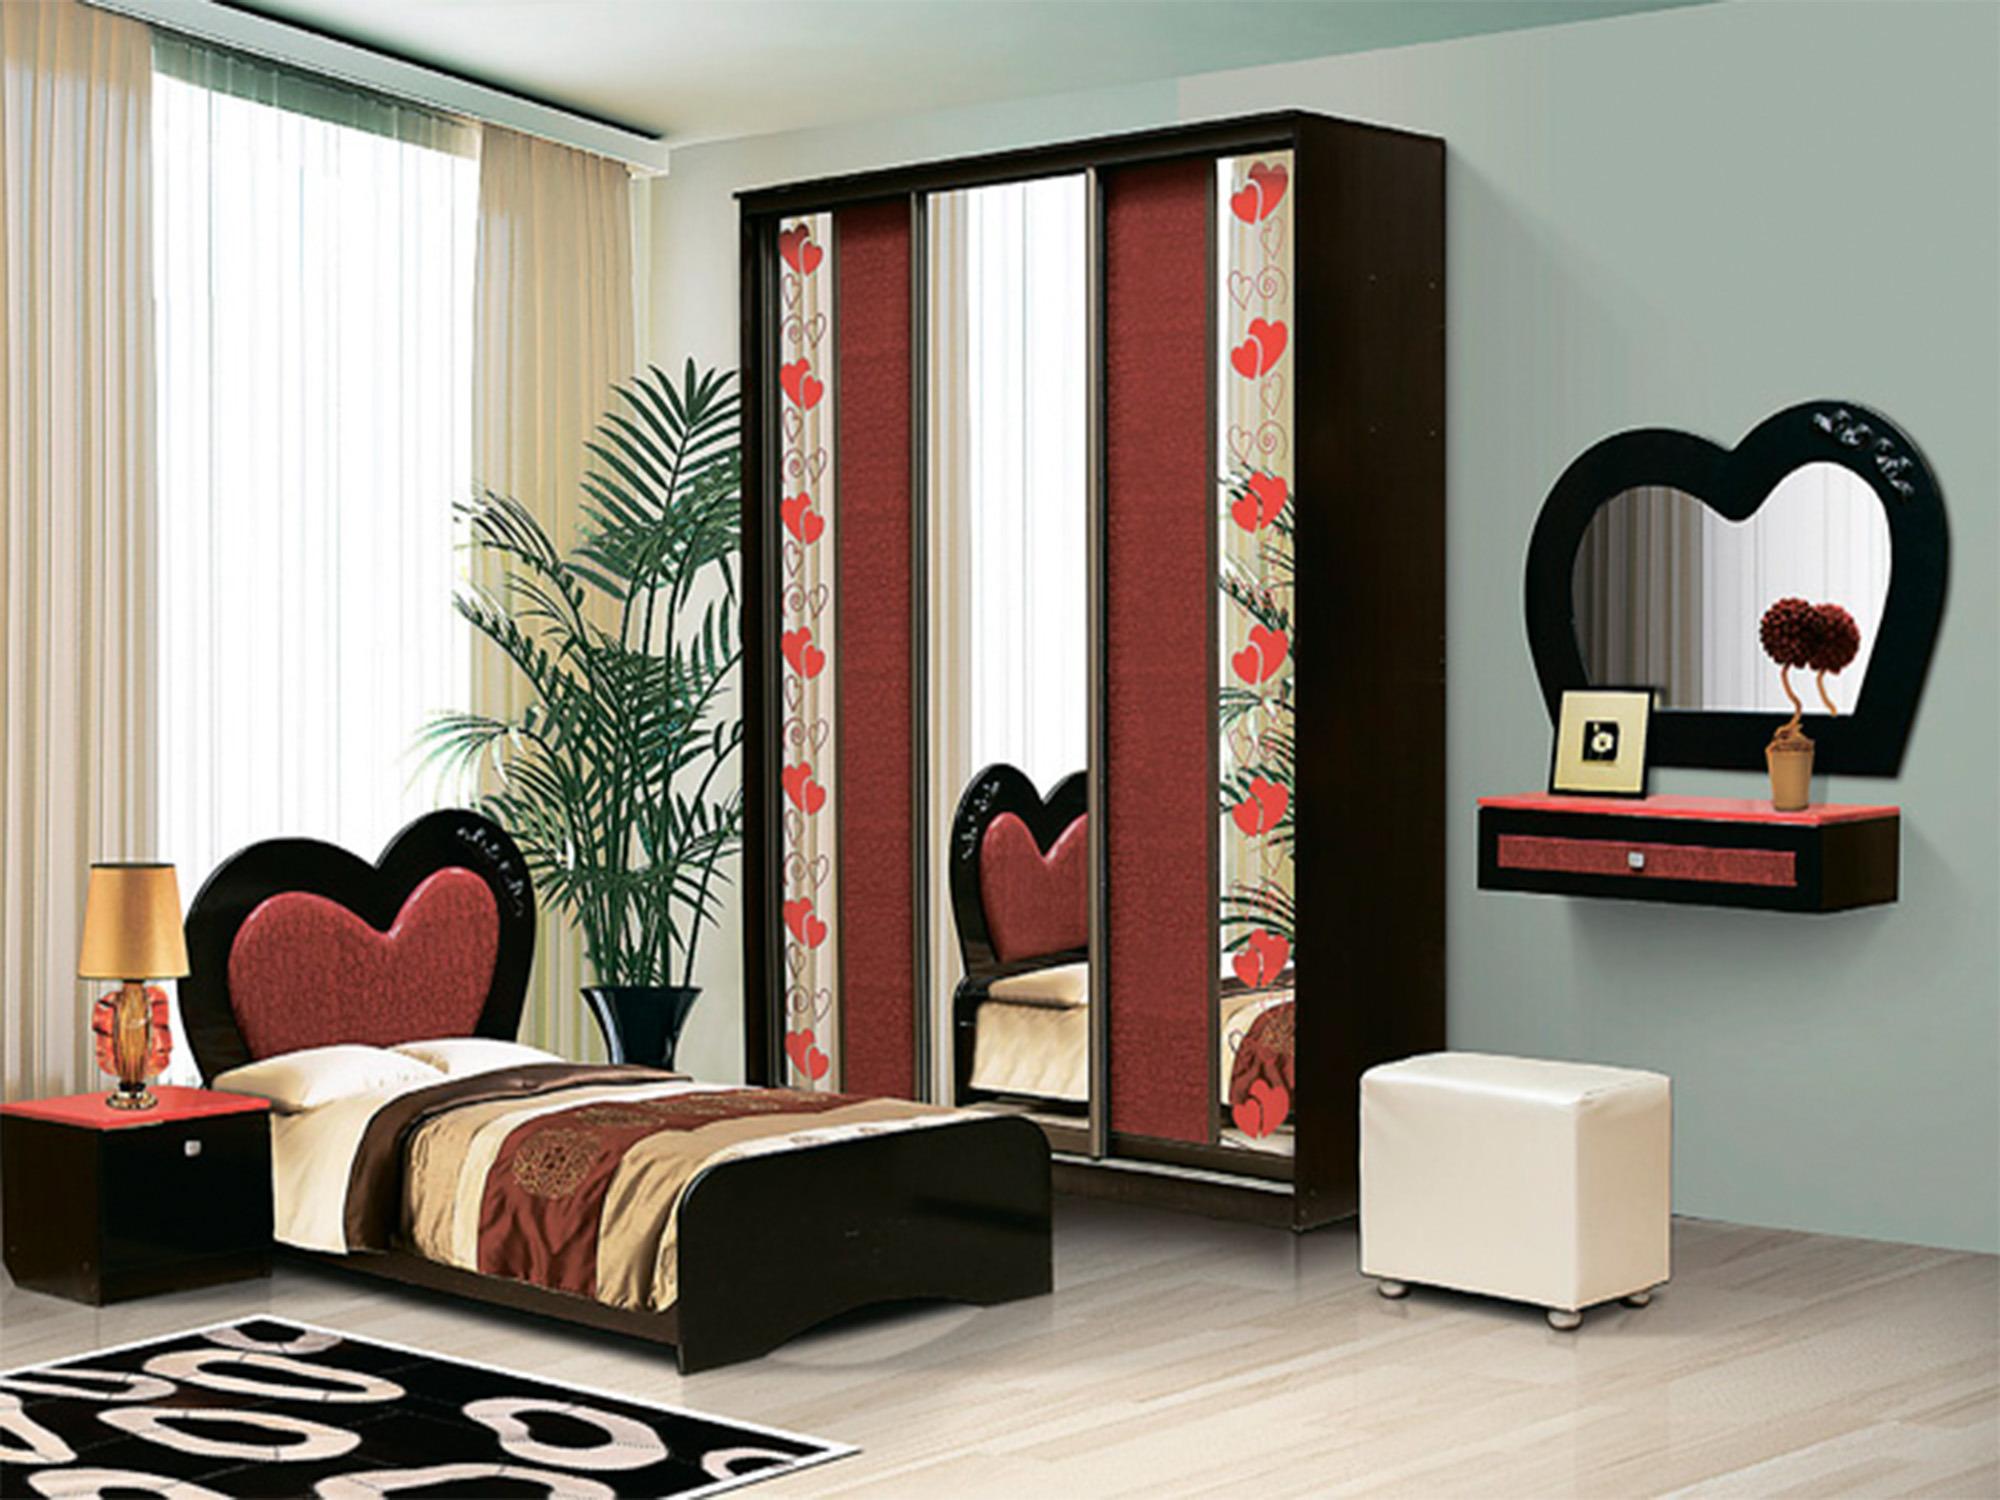 Спальный набор КокеткаДетские комнаты<br><br><br>Длина мм: 4795<br>Высота мм: 2350<br>Глубина мм: 950